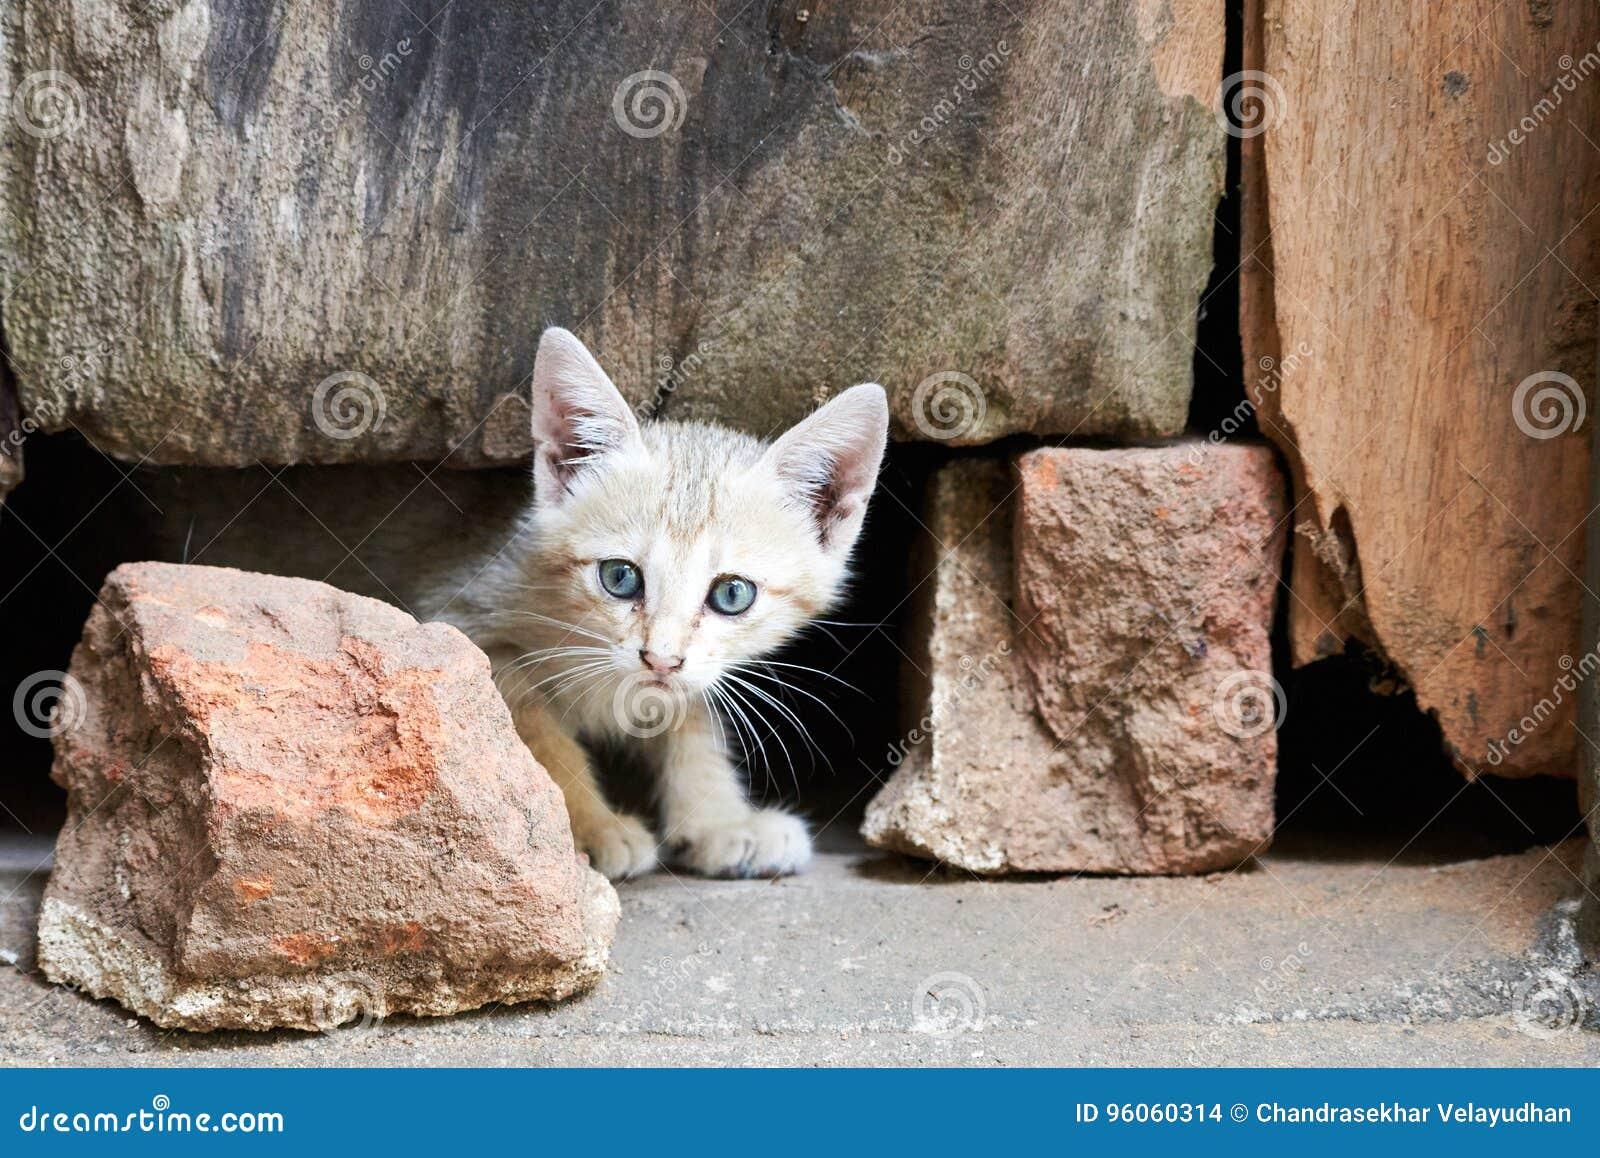 Chaton gris avec les yeux piercing regardant de dessous une porte